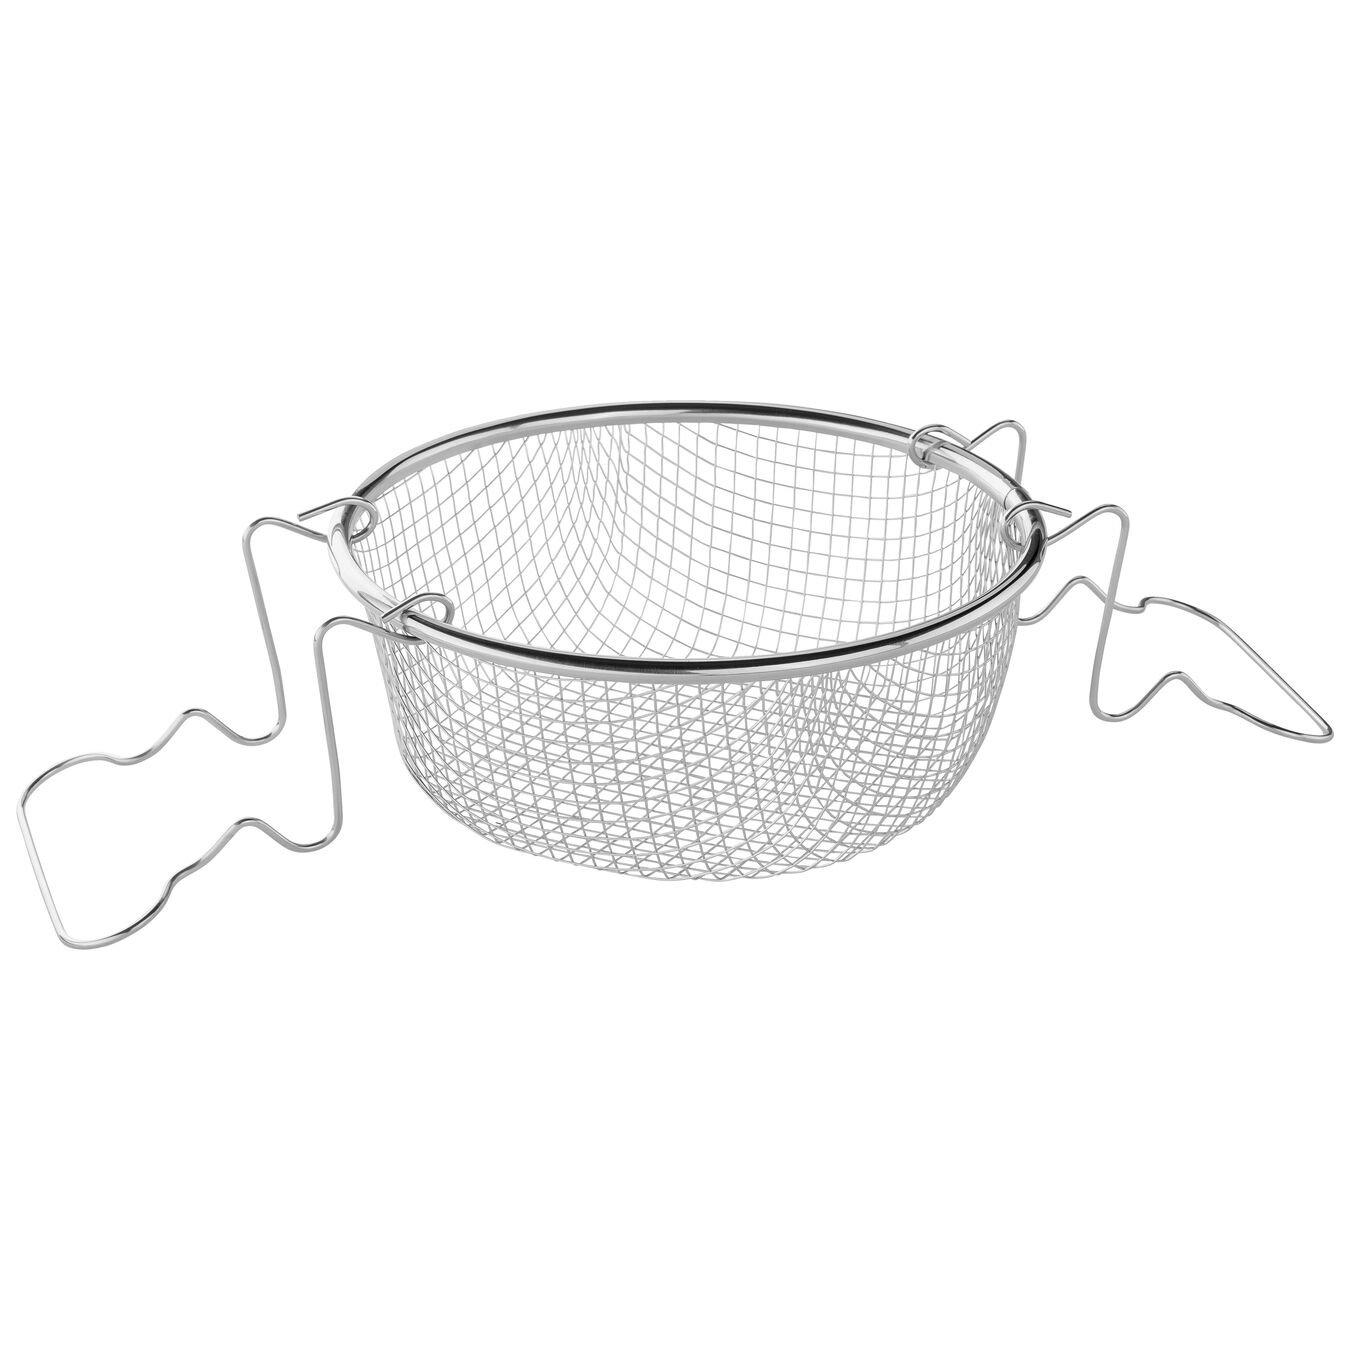 Buharda Pişirme Aparatı, Yuvarlak   22 cm   18/10 Paslanmaz Çelik   Metalik Gri,,large 2